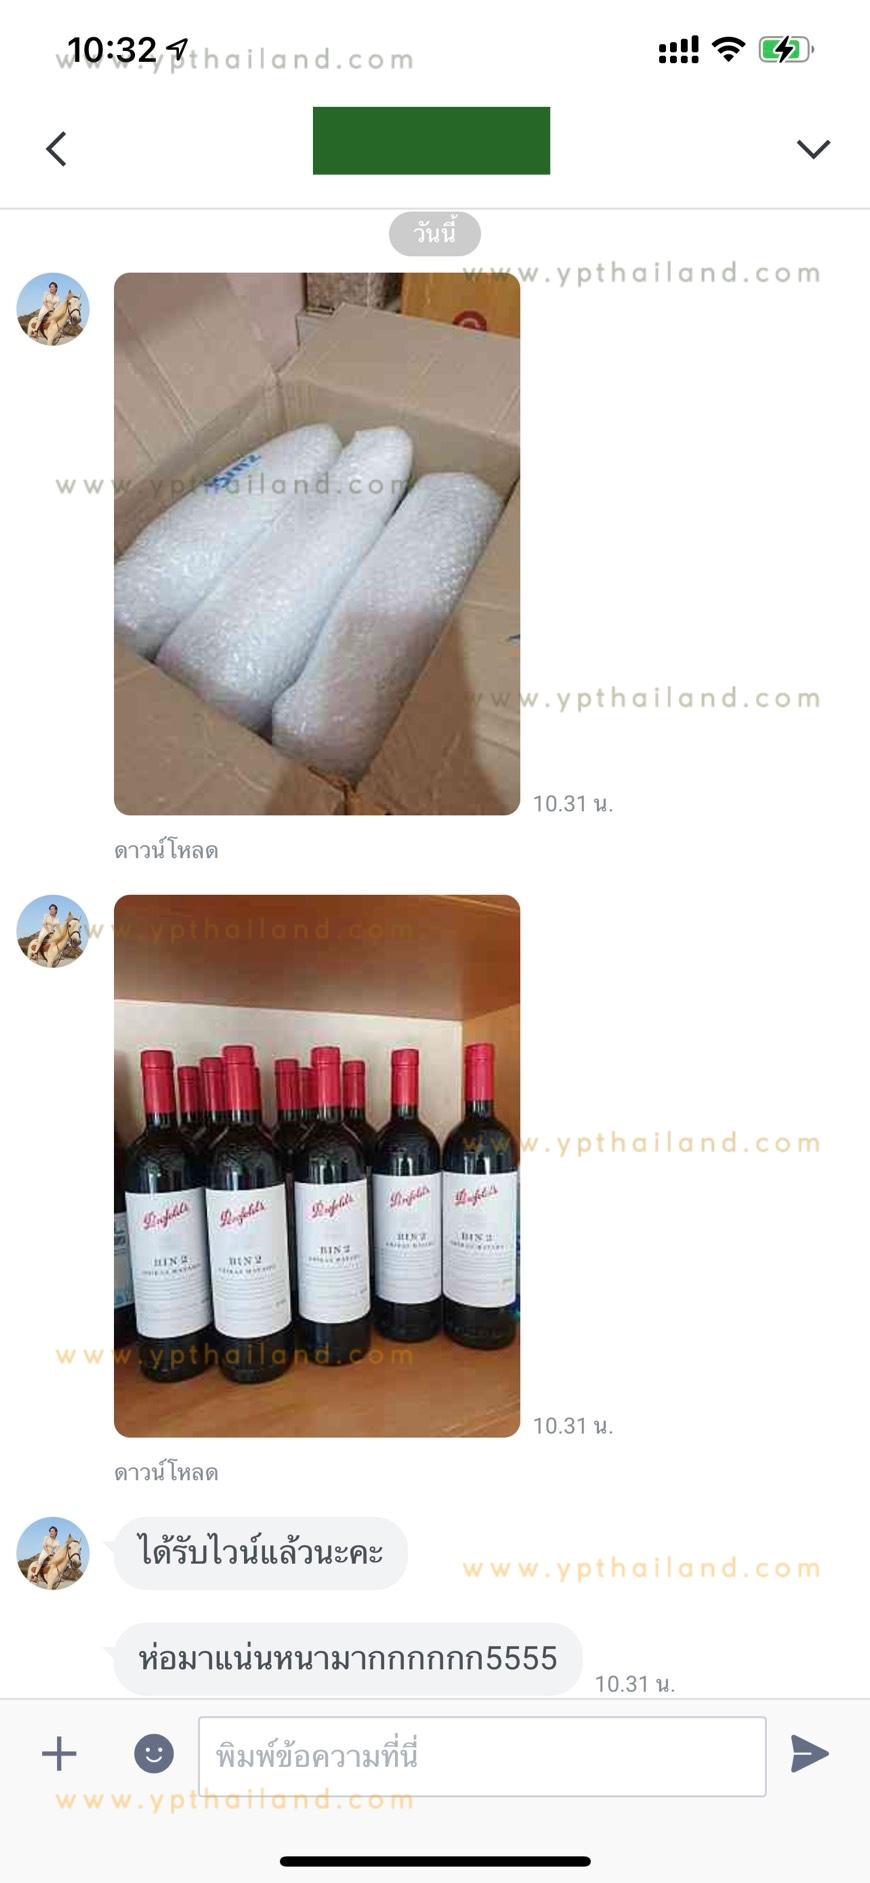 เหล้านอก เหล้า ไวน์ บุหรี่ นำเข้า ราคาถูก ขายปลีกและส่ง สินค้าแท้ 100% จัดส่งฟรีทั่วประเทศ รับประกันสินค้าทุกกรณี ไม่พอใจยินดีคืนเงิน